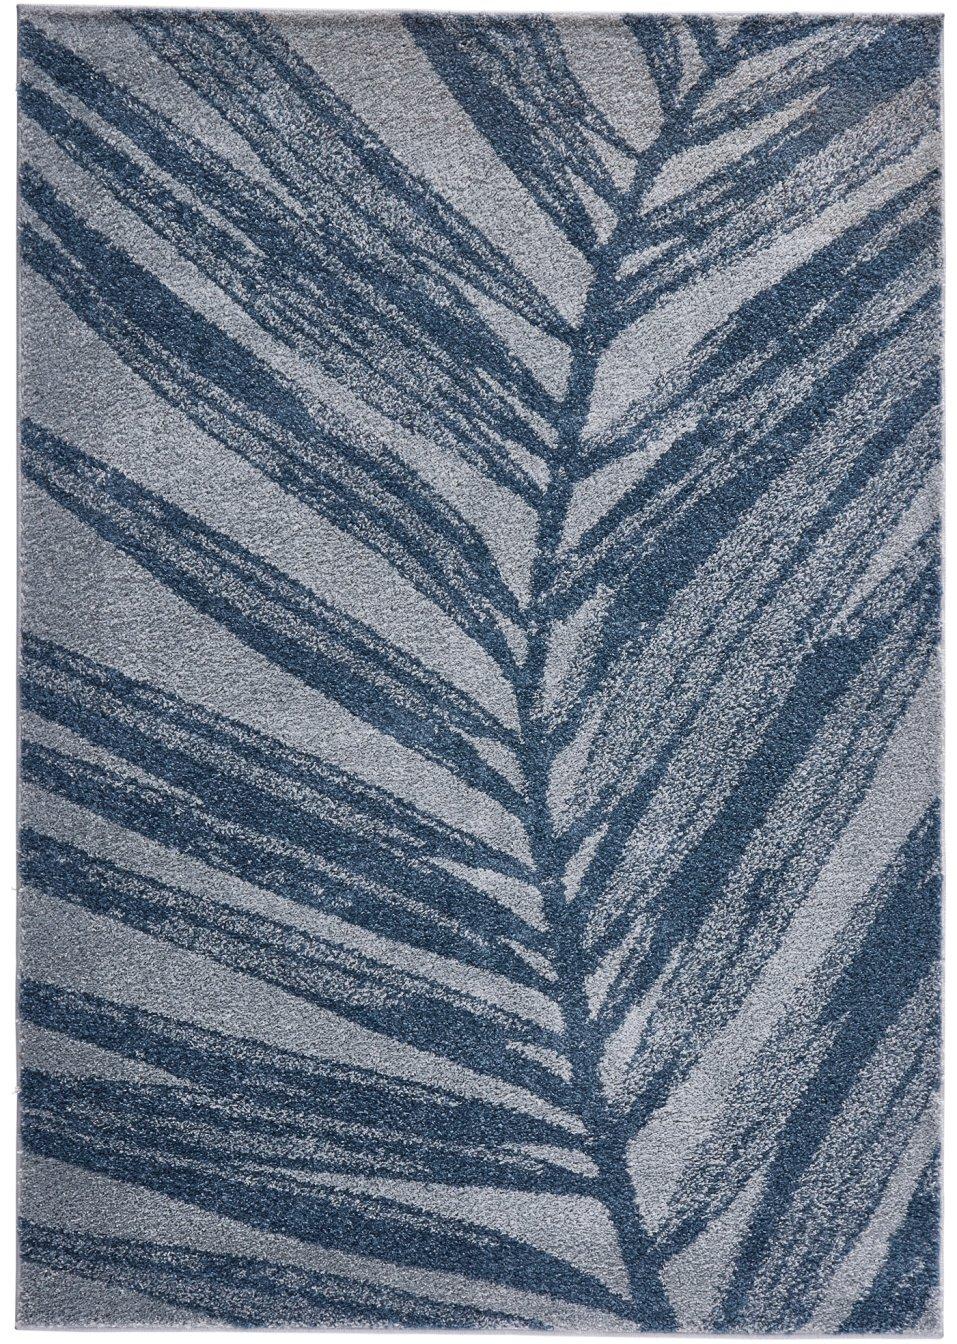 Hubscher teppich quotadelequot mit einem blattmotiv grau blau for Balkon teppich mit versace tapete blau